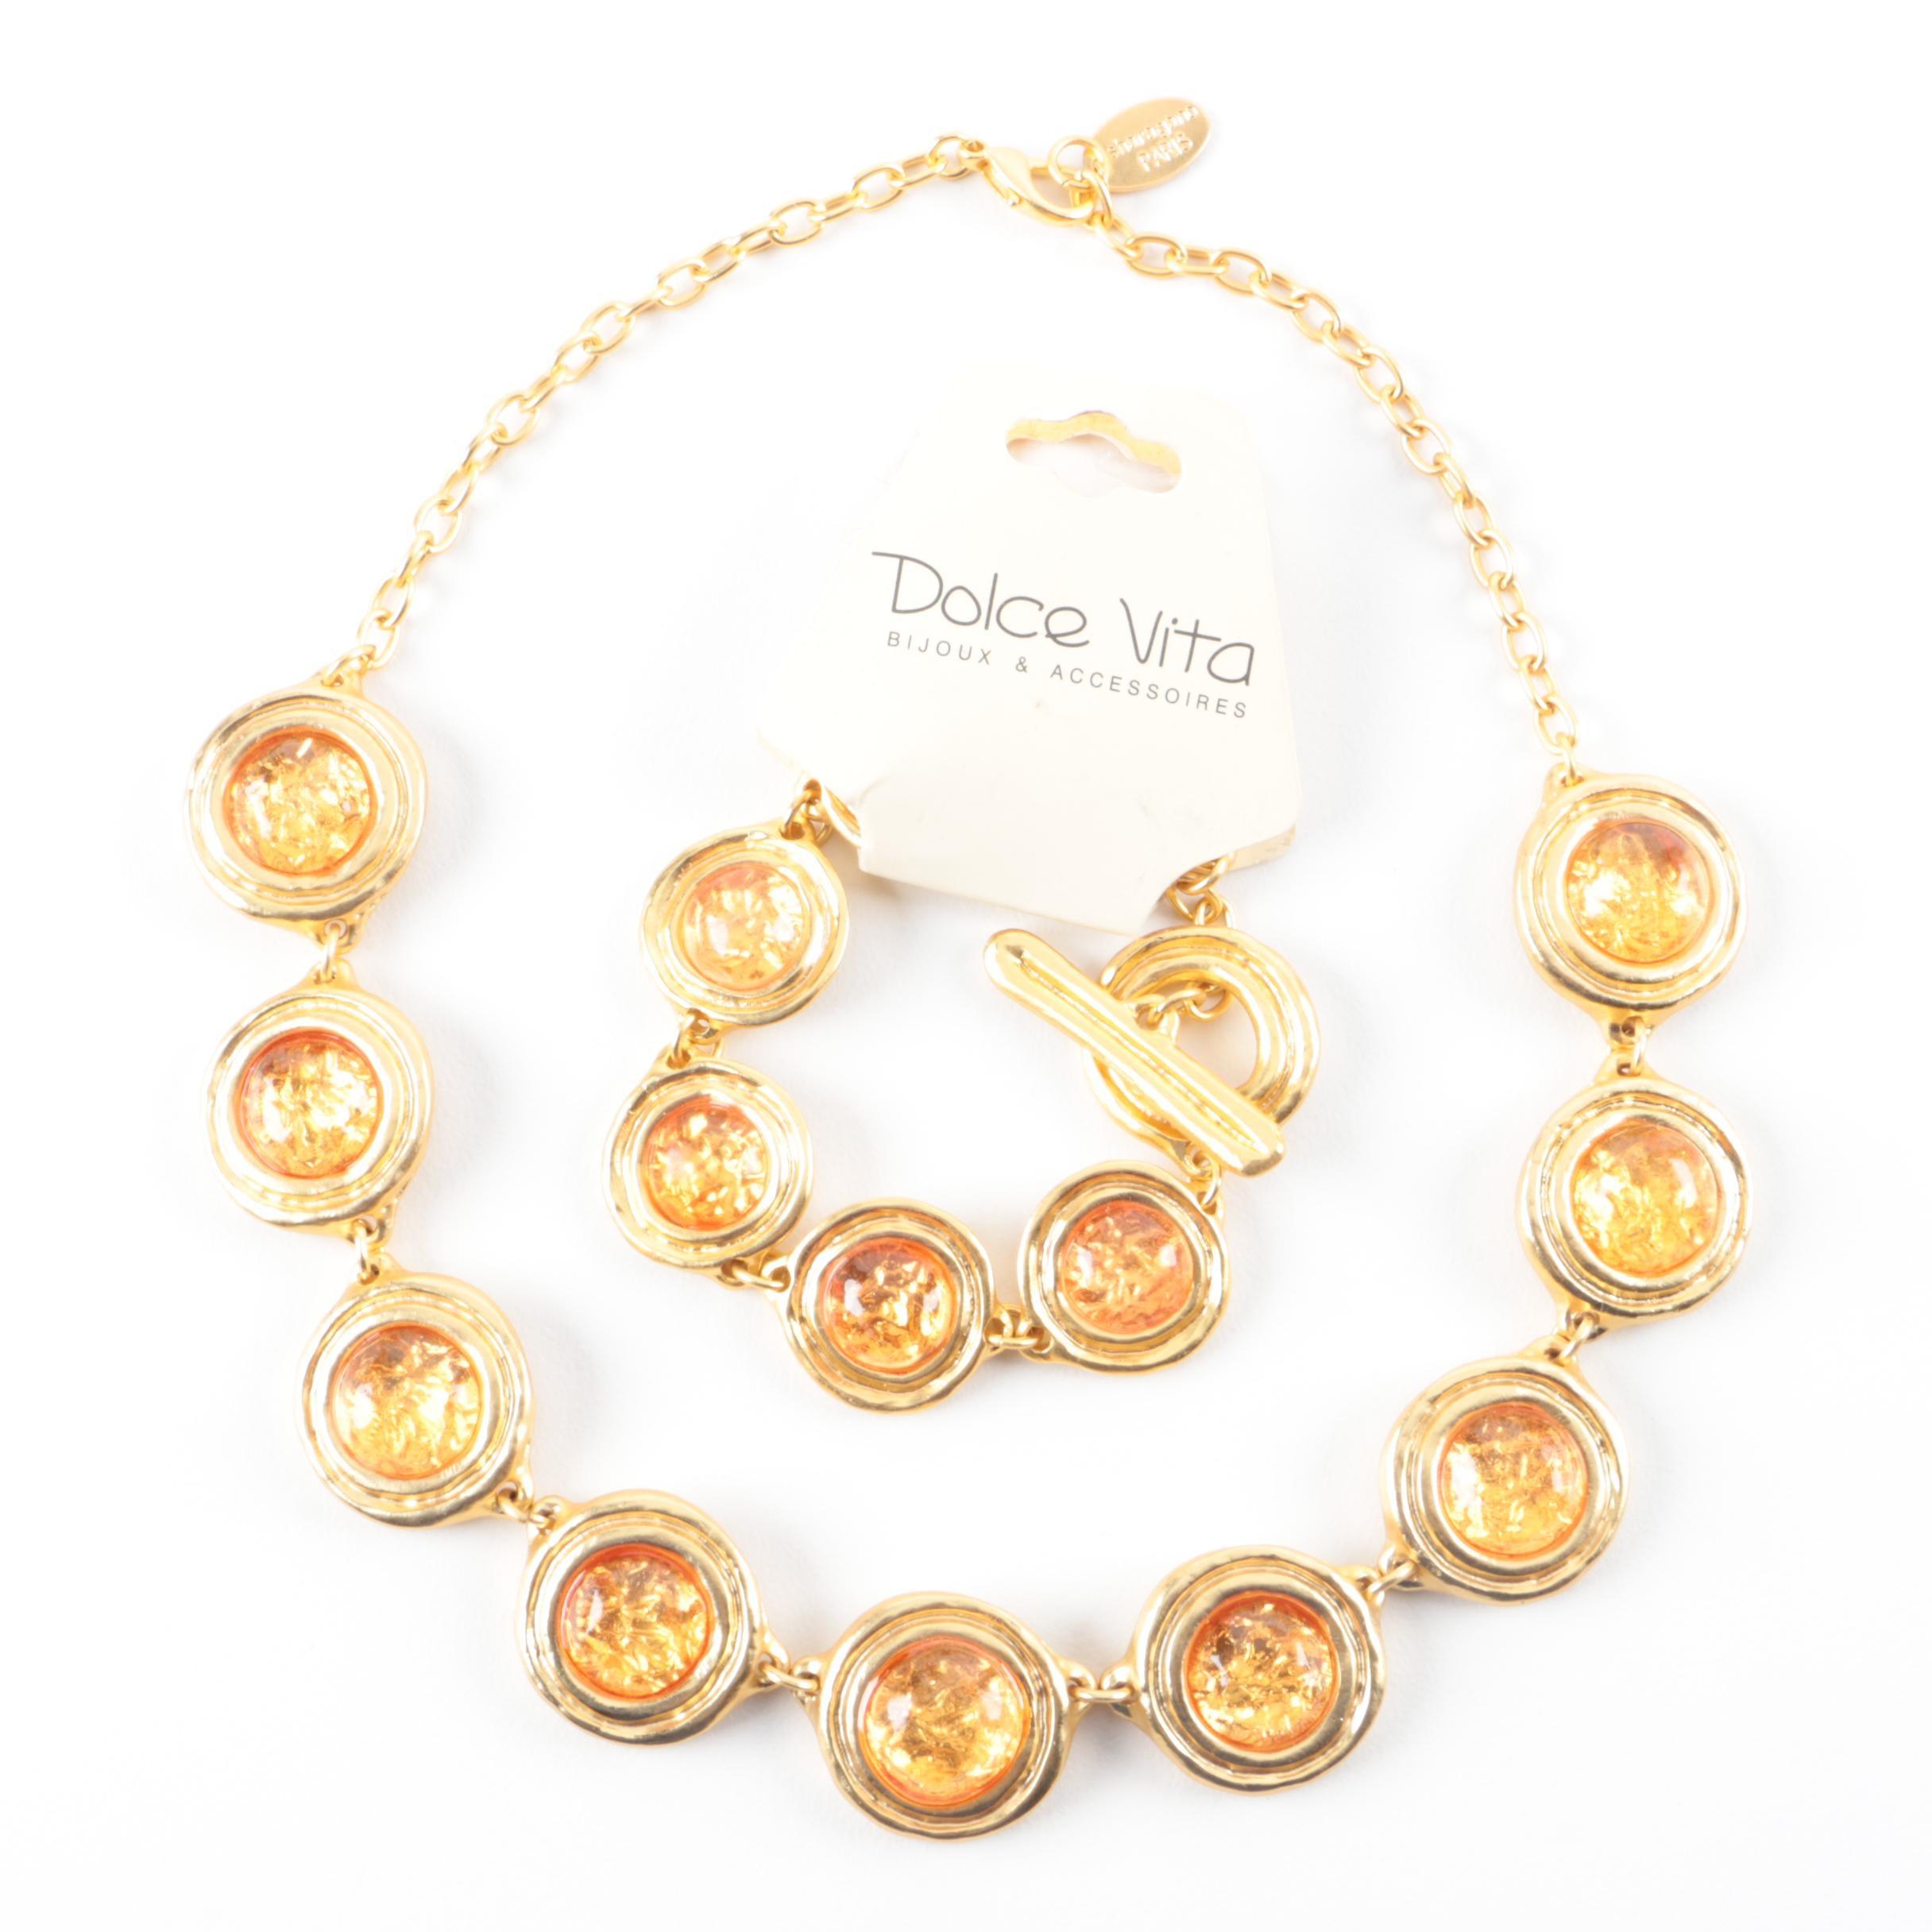 Dolce Vita Gold Tone Necklace and Bracelet Set